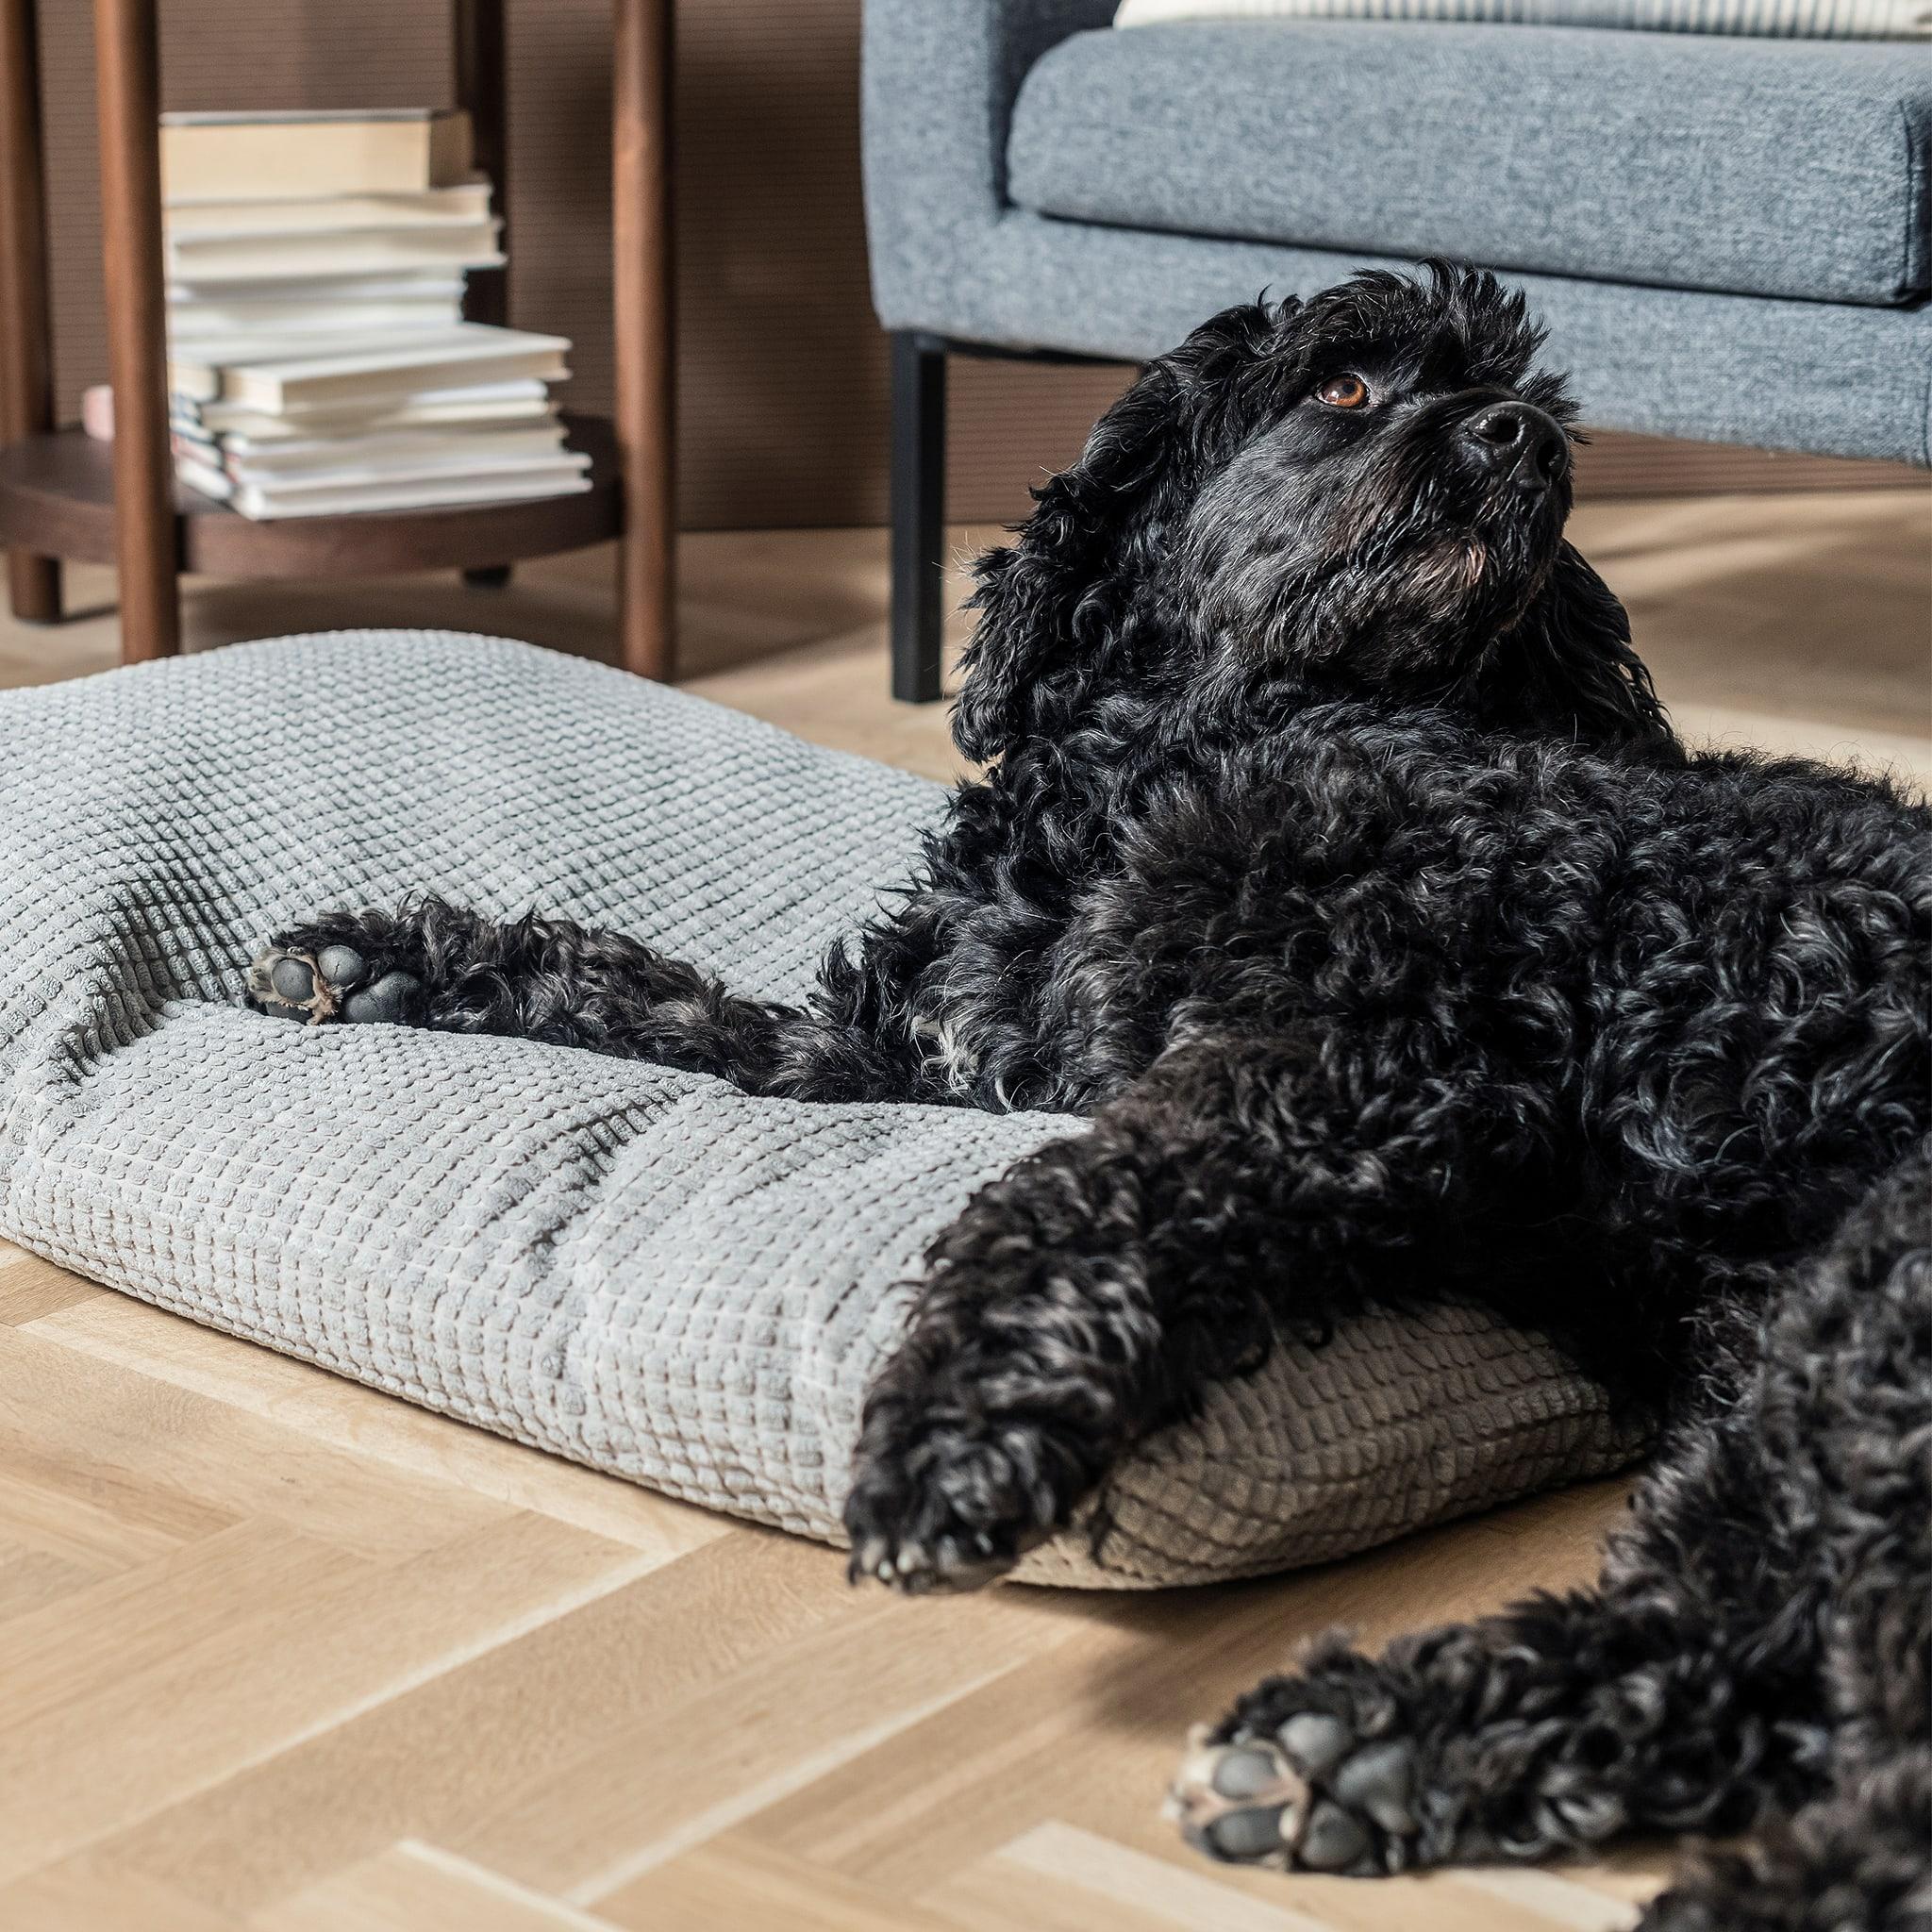 在客廳中有一隻狗半躺在地上的咕上,背後的角几上放著一疊書,還有一張扶手椅。